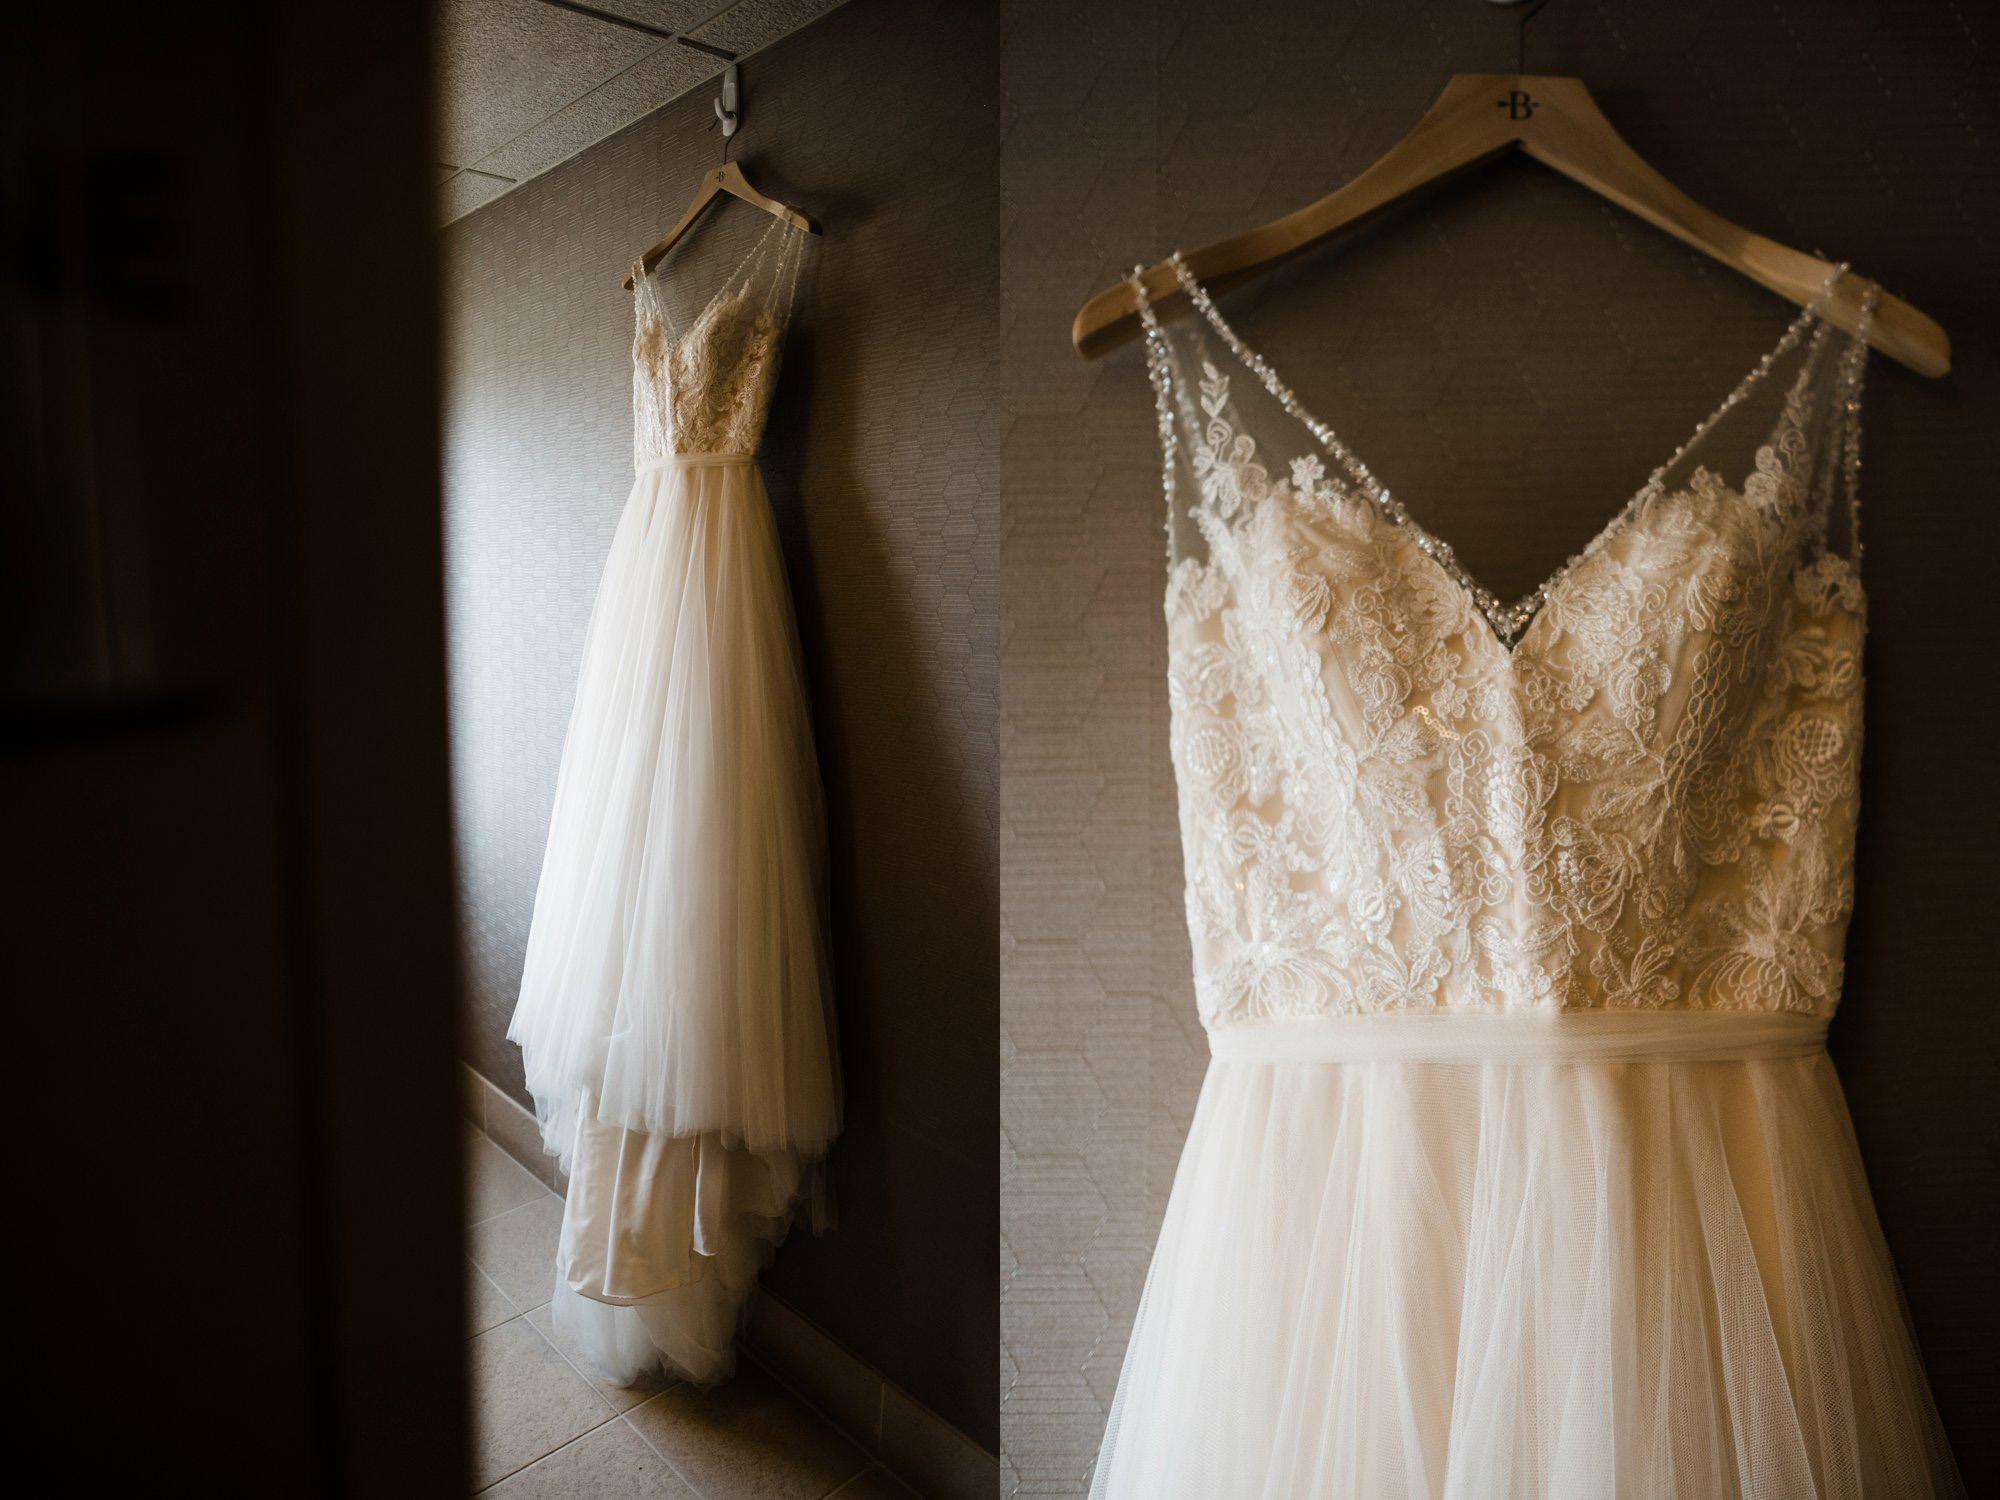 fairfax-dc-wedding-old-city-hall_0005.jpg